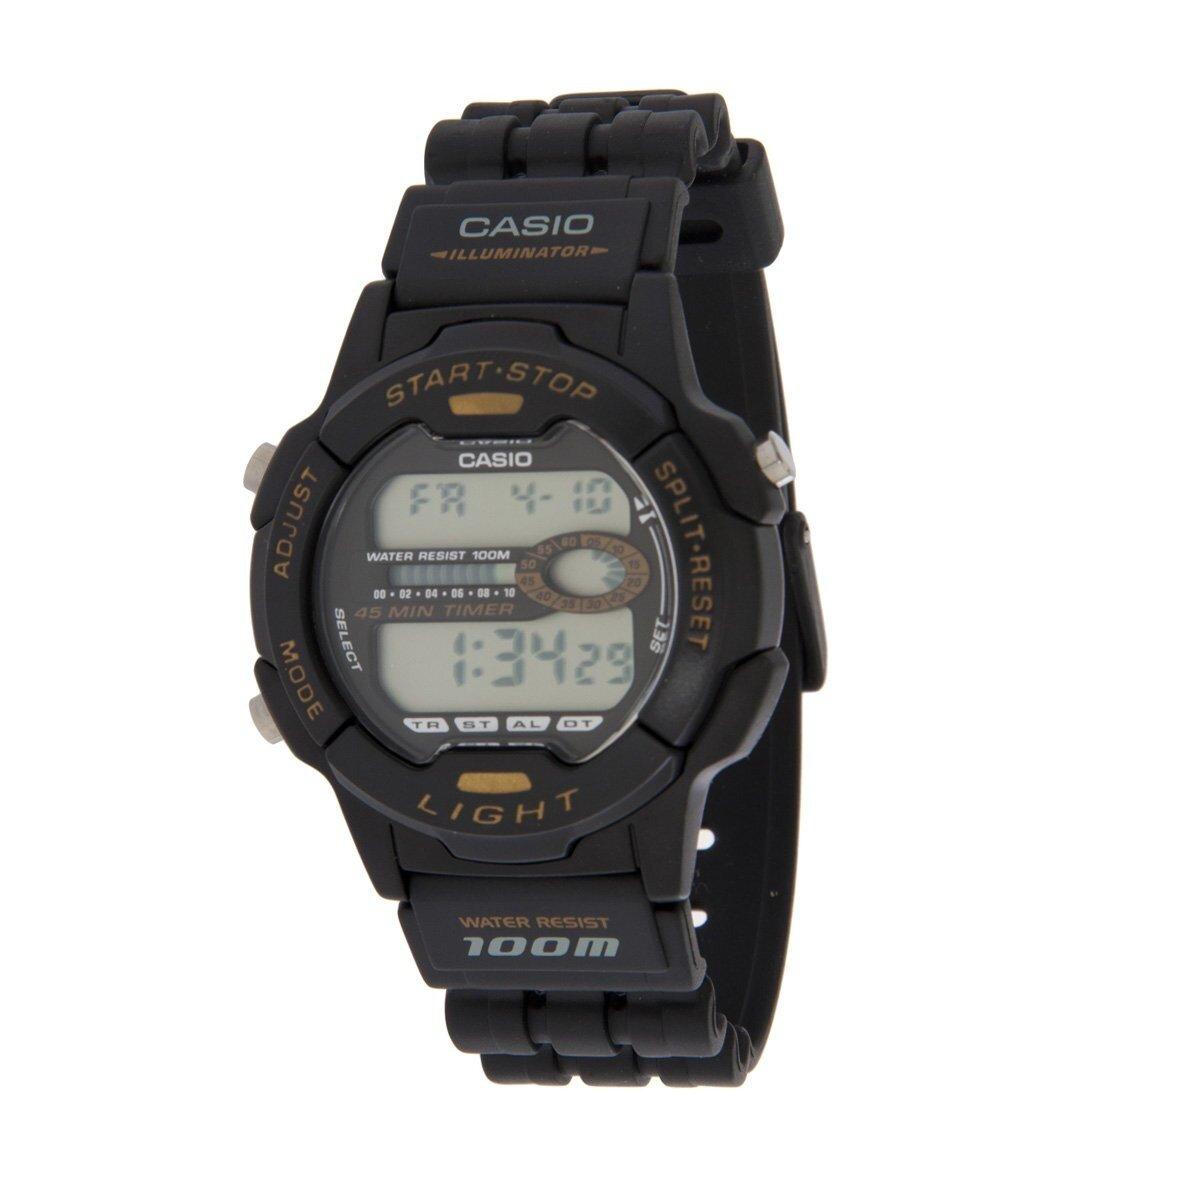 Pánske čierne digitálne hodinky Casio s čiernym pryžovým remienkom ... b54d0ee29ca